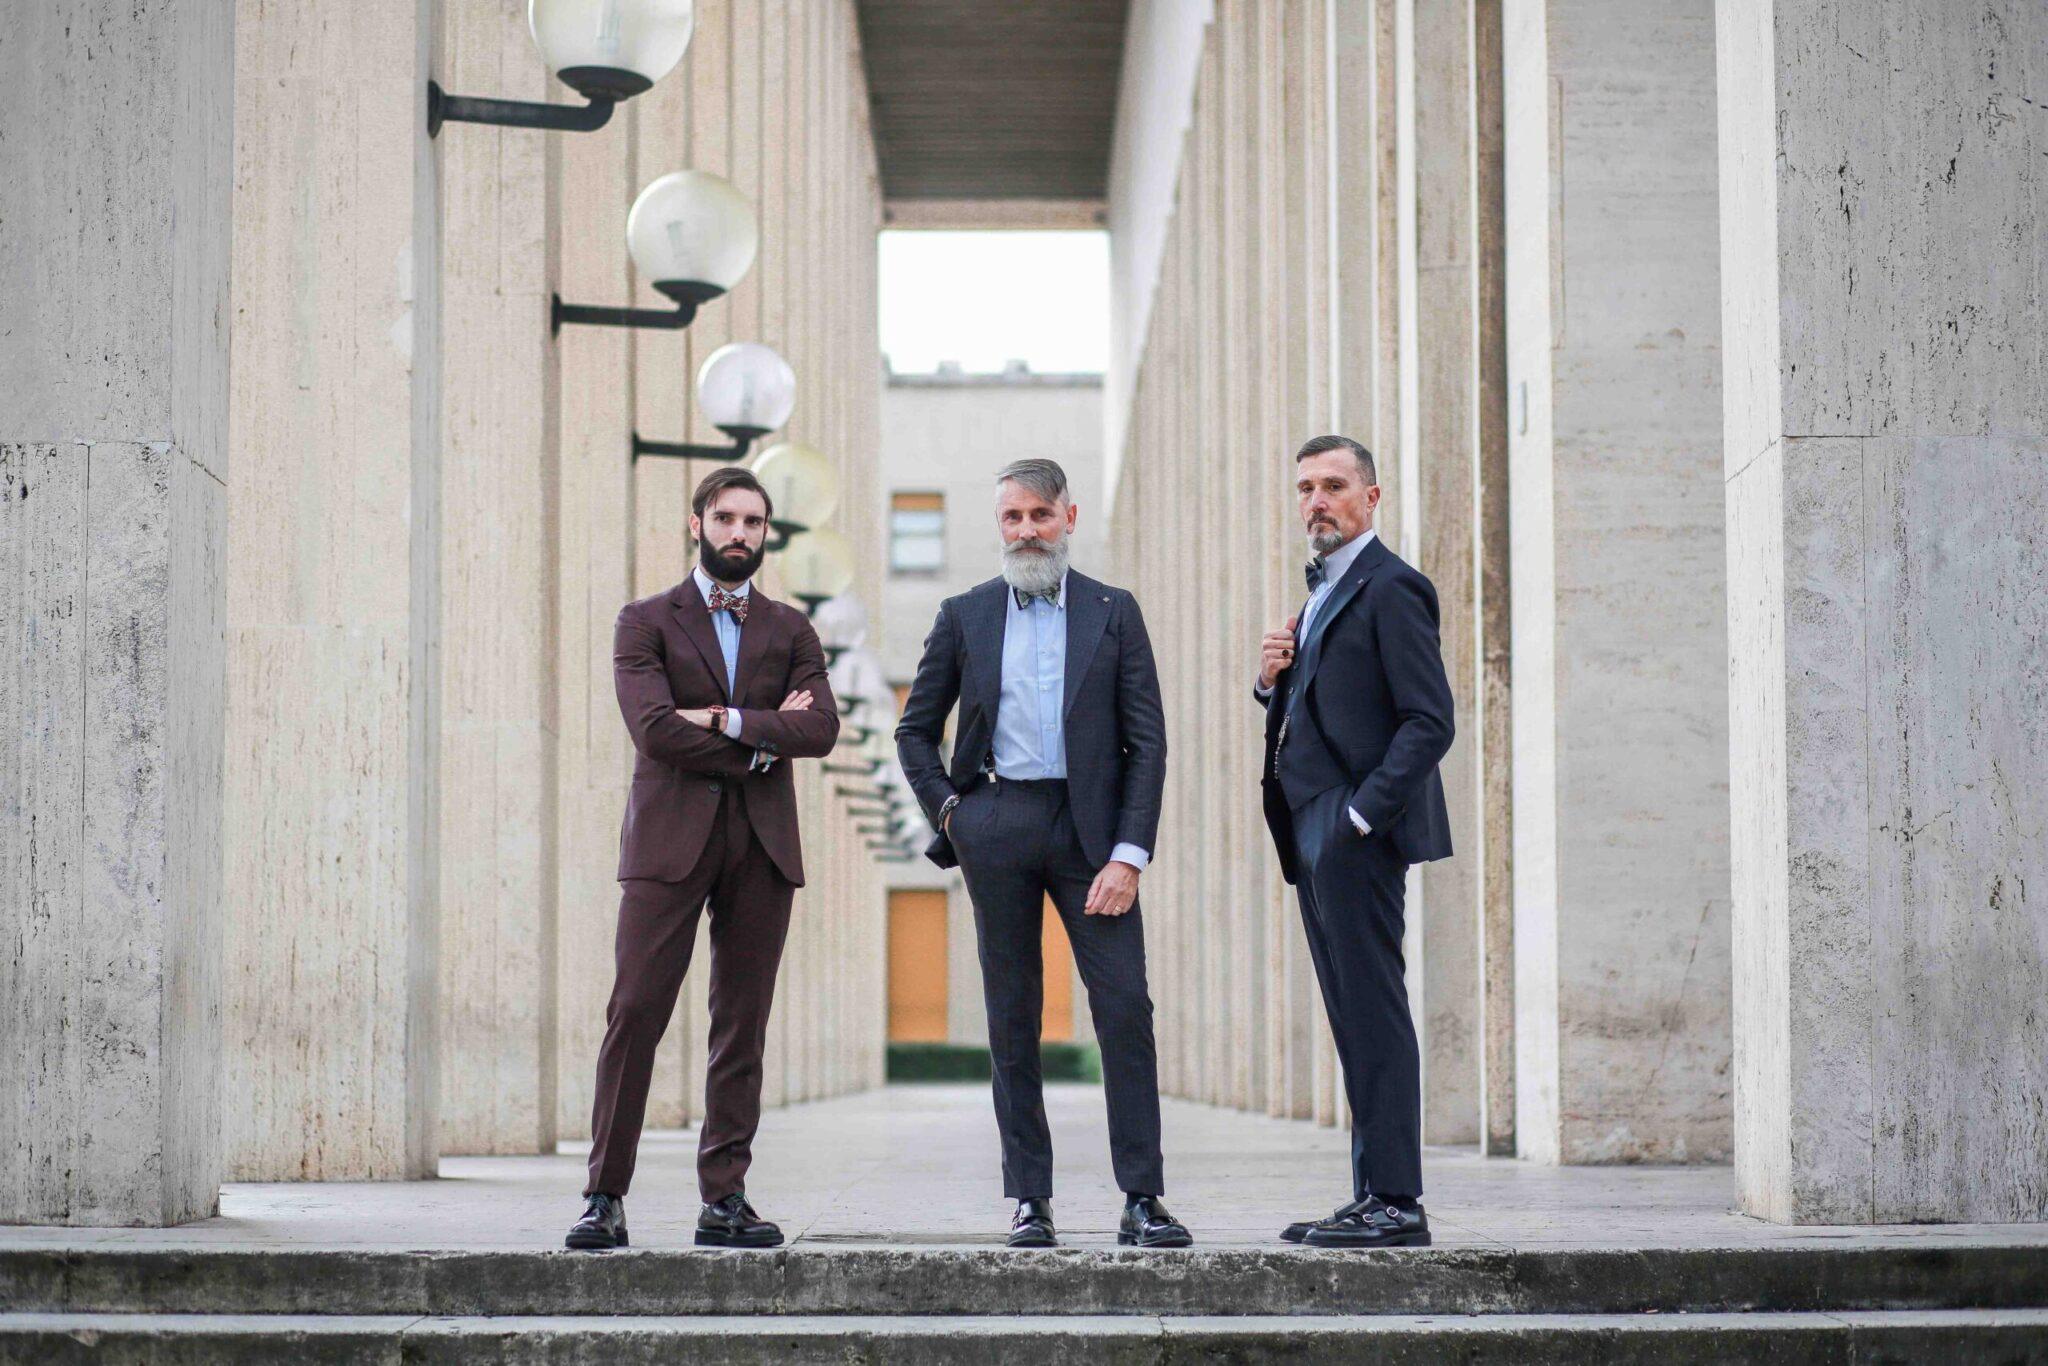 Un giorno a Roma - Moderni gentleman nella Roma razionalista dell'EUR